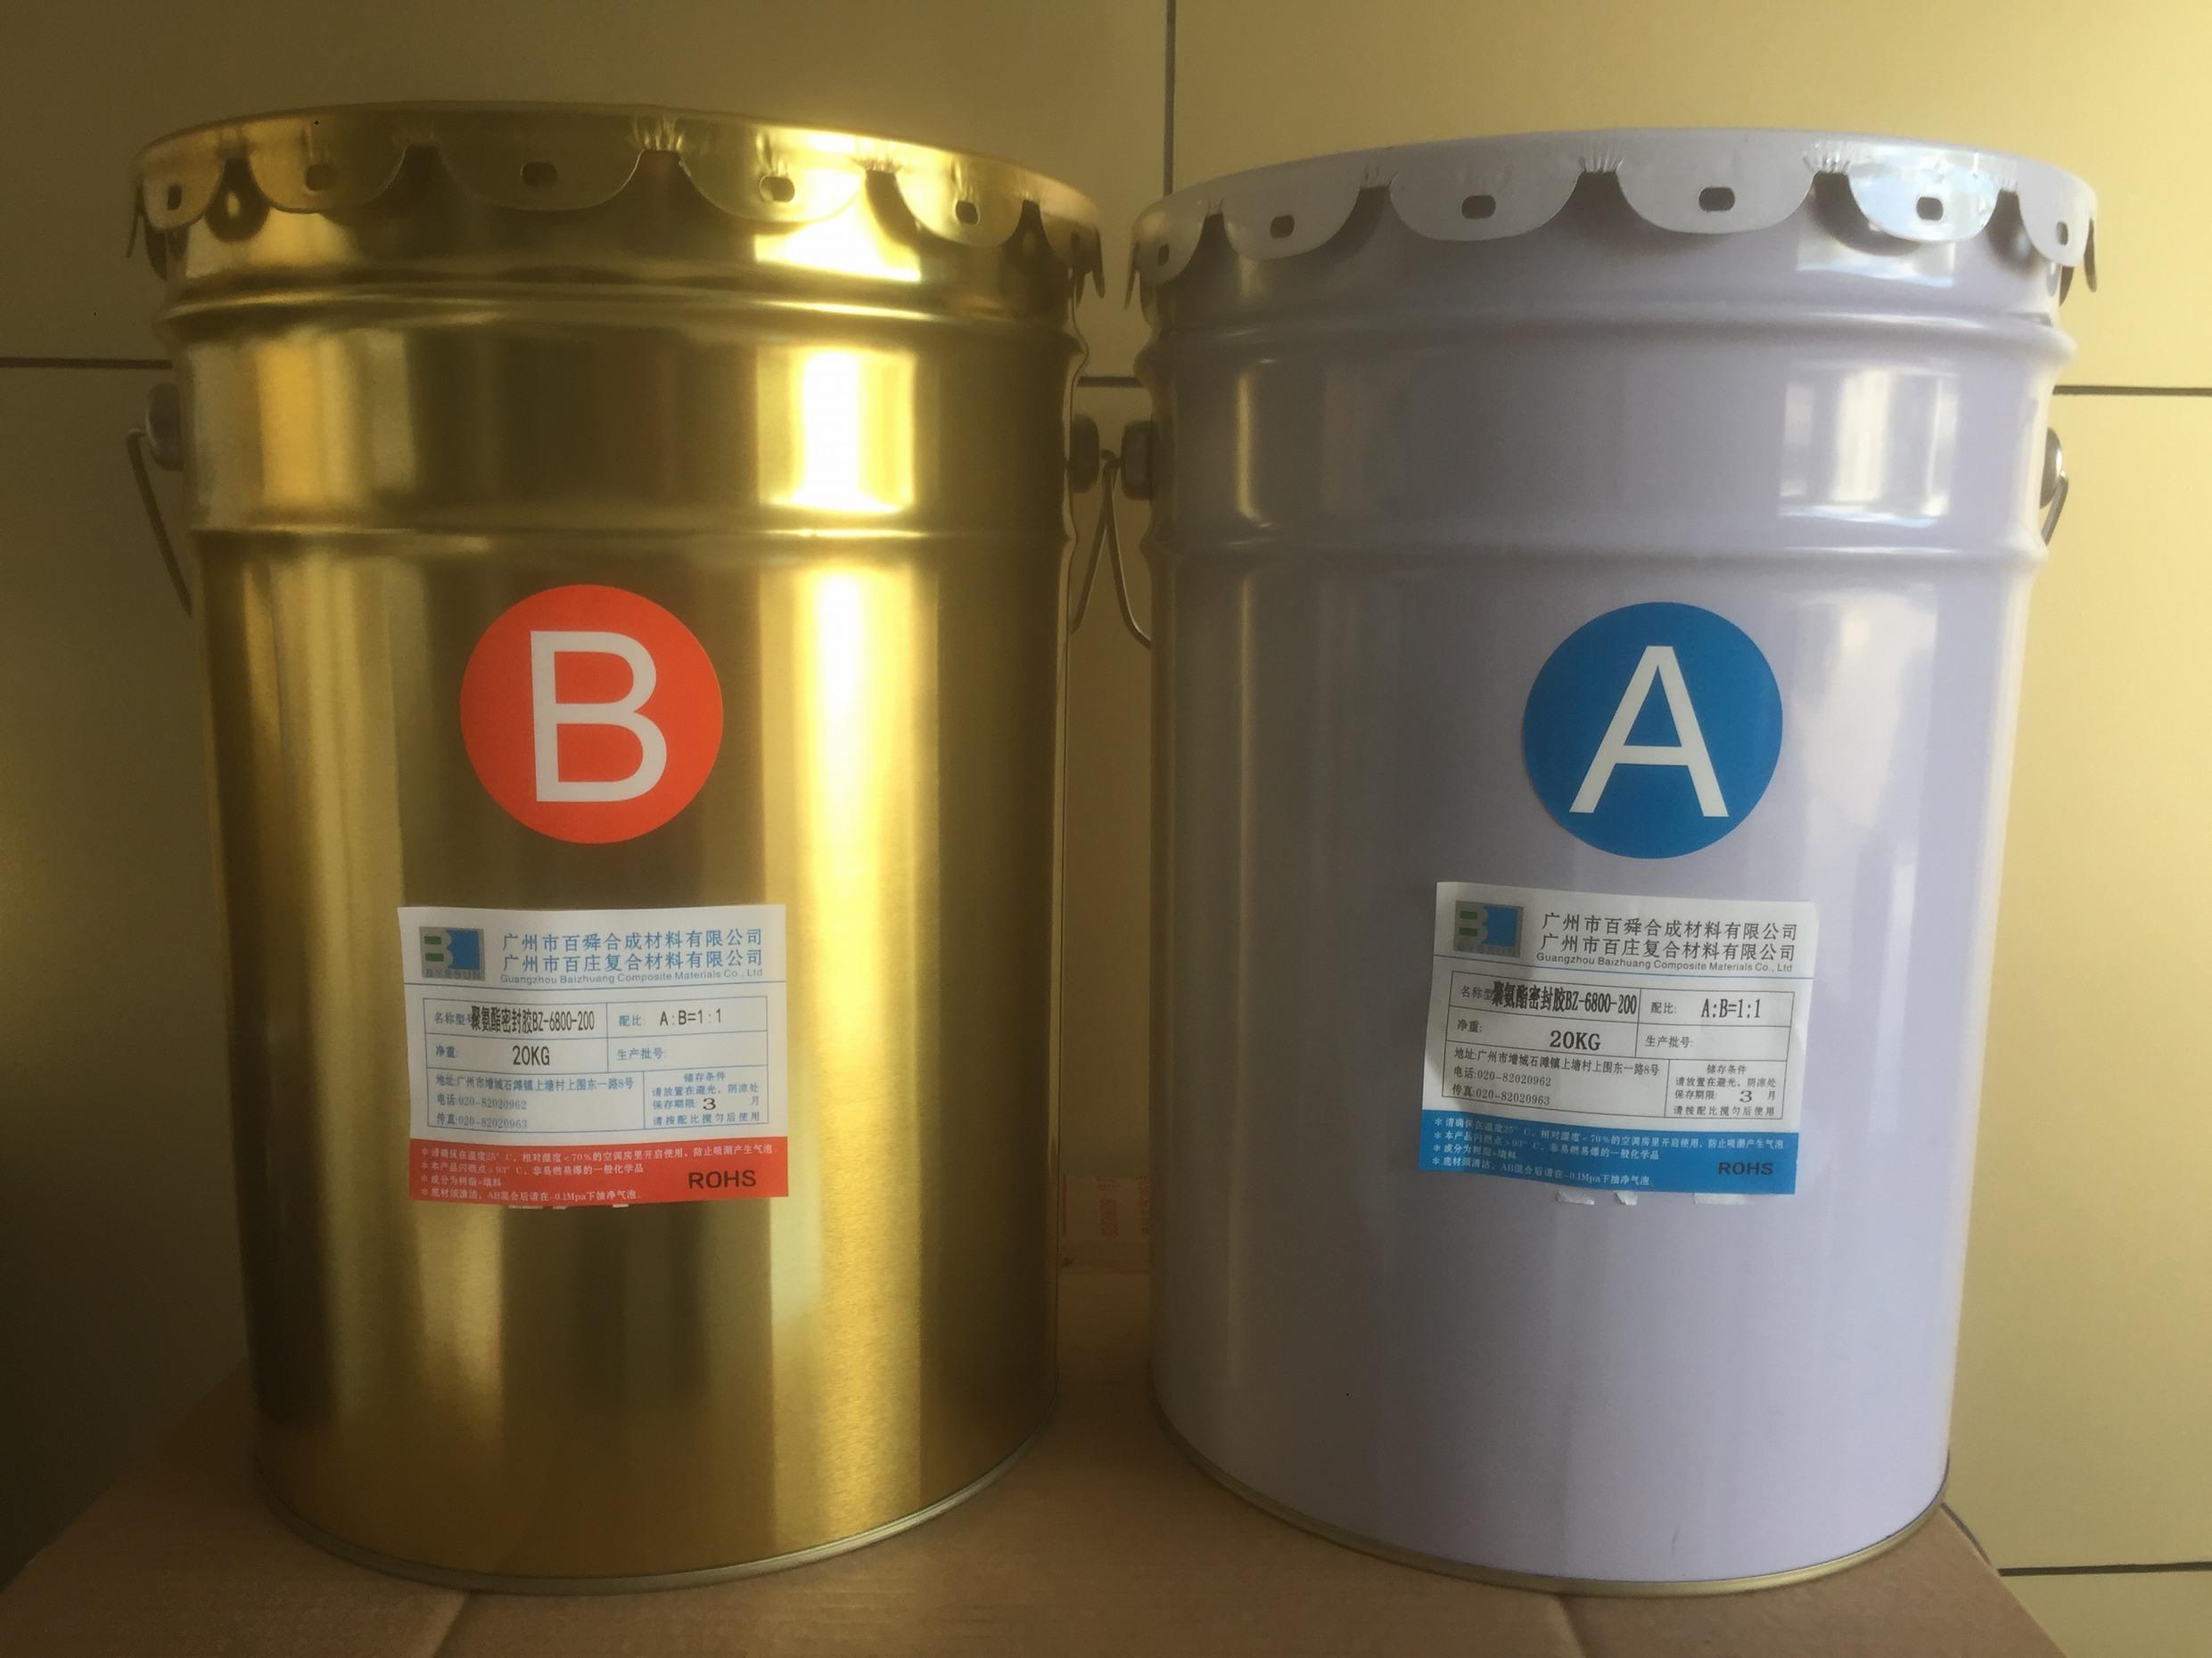 聚氨酯密封膠BZ-6800-200